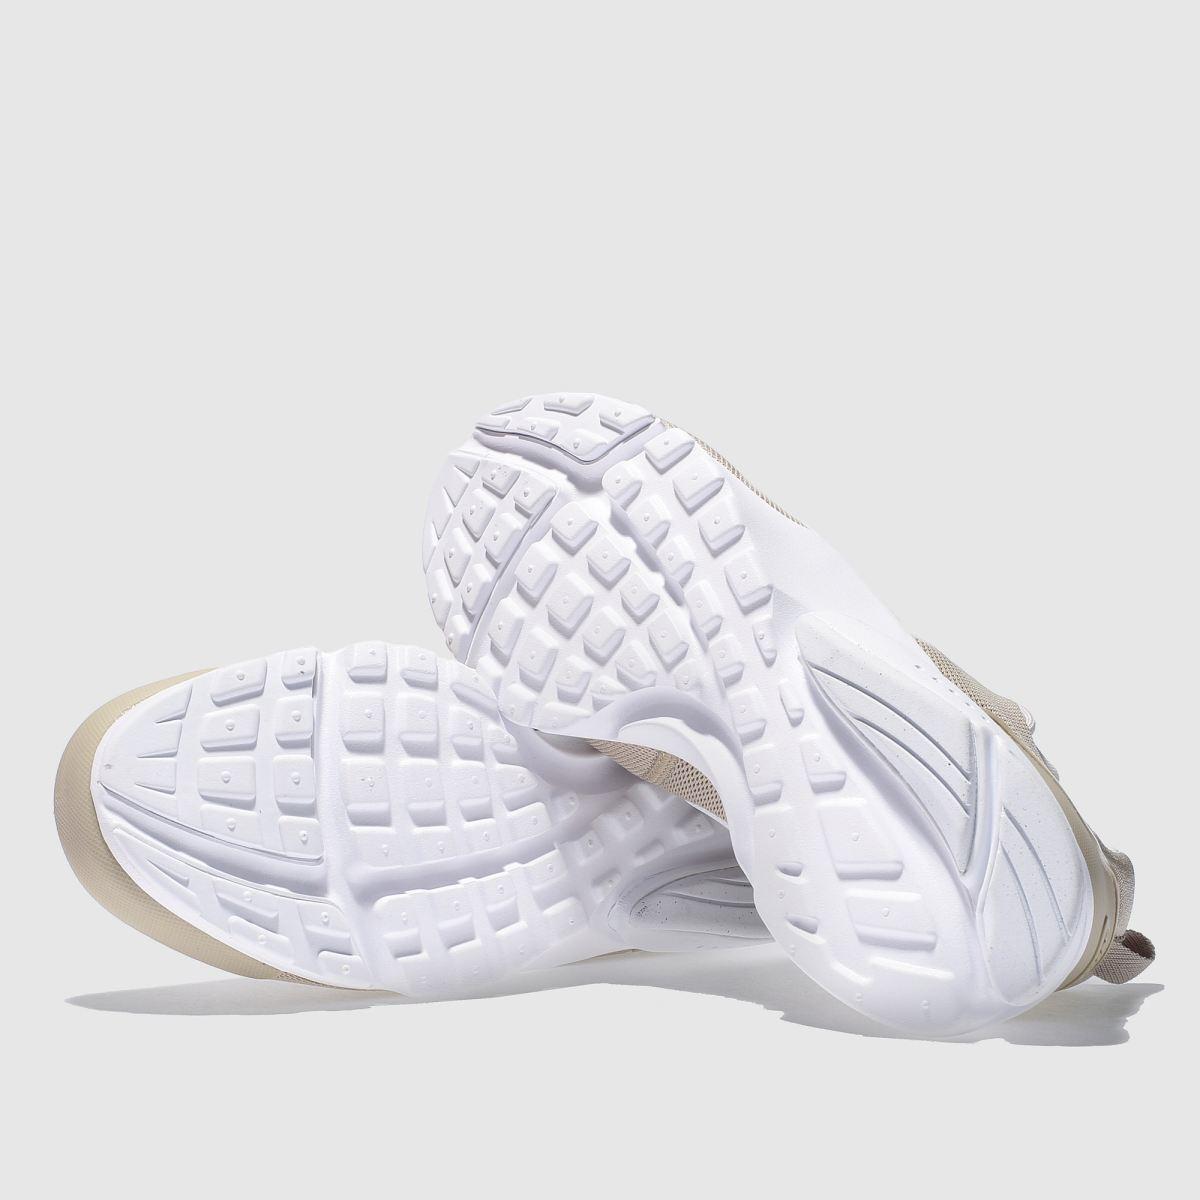 Damen Naturfarben nike Presto Gute Fly Sneaker   schuh Gute Presto Qualität beliebte Schuhe 4dcdf6